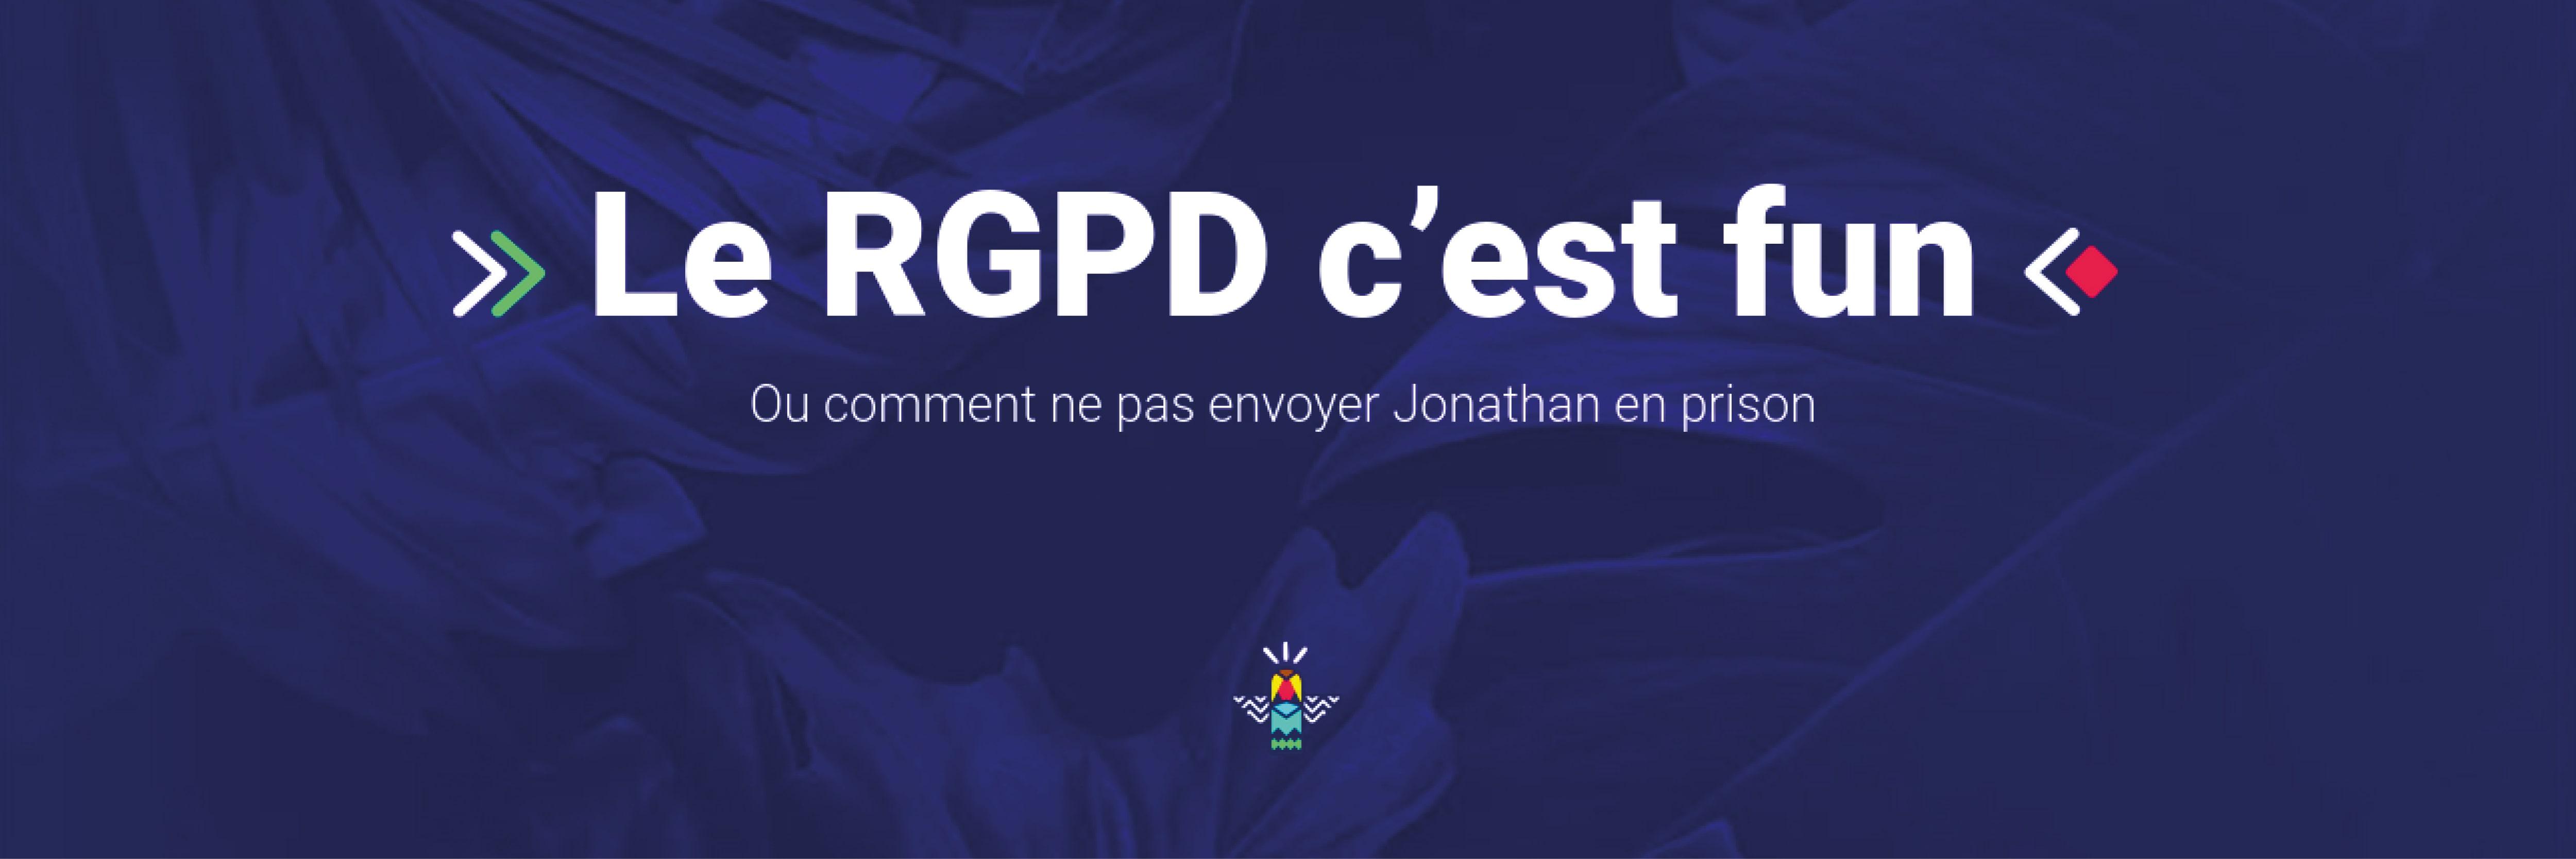 Le RGPD c'est fun, ou comment ne pas envoyer Jonathan en prison 😅